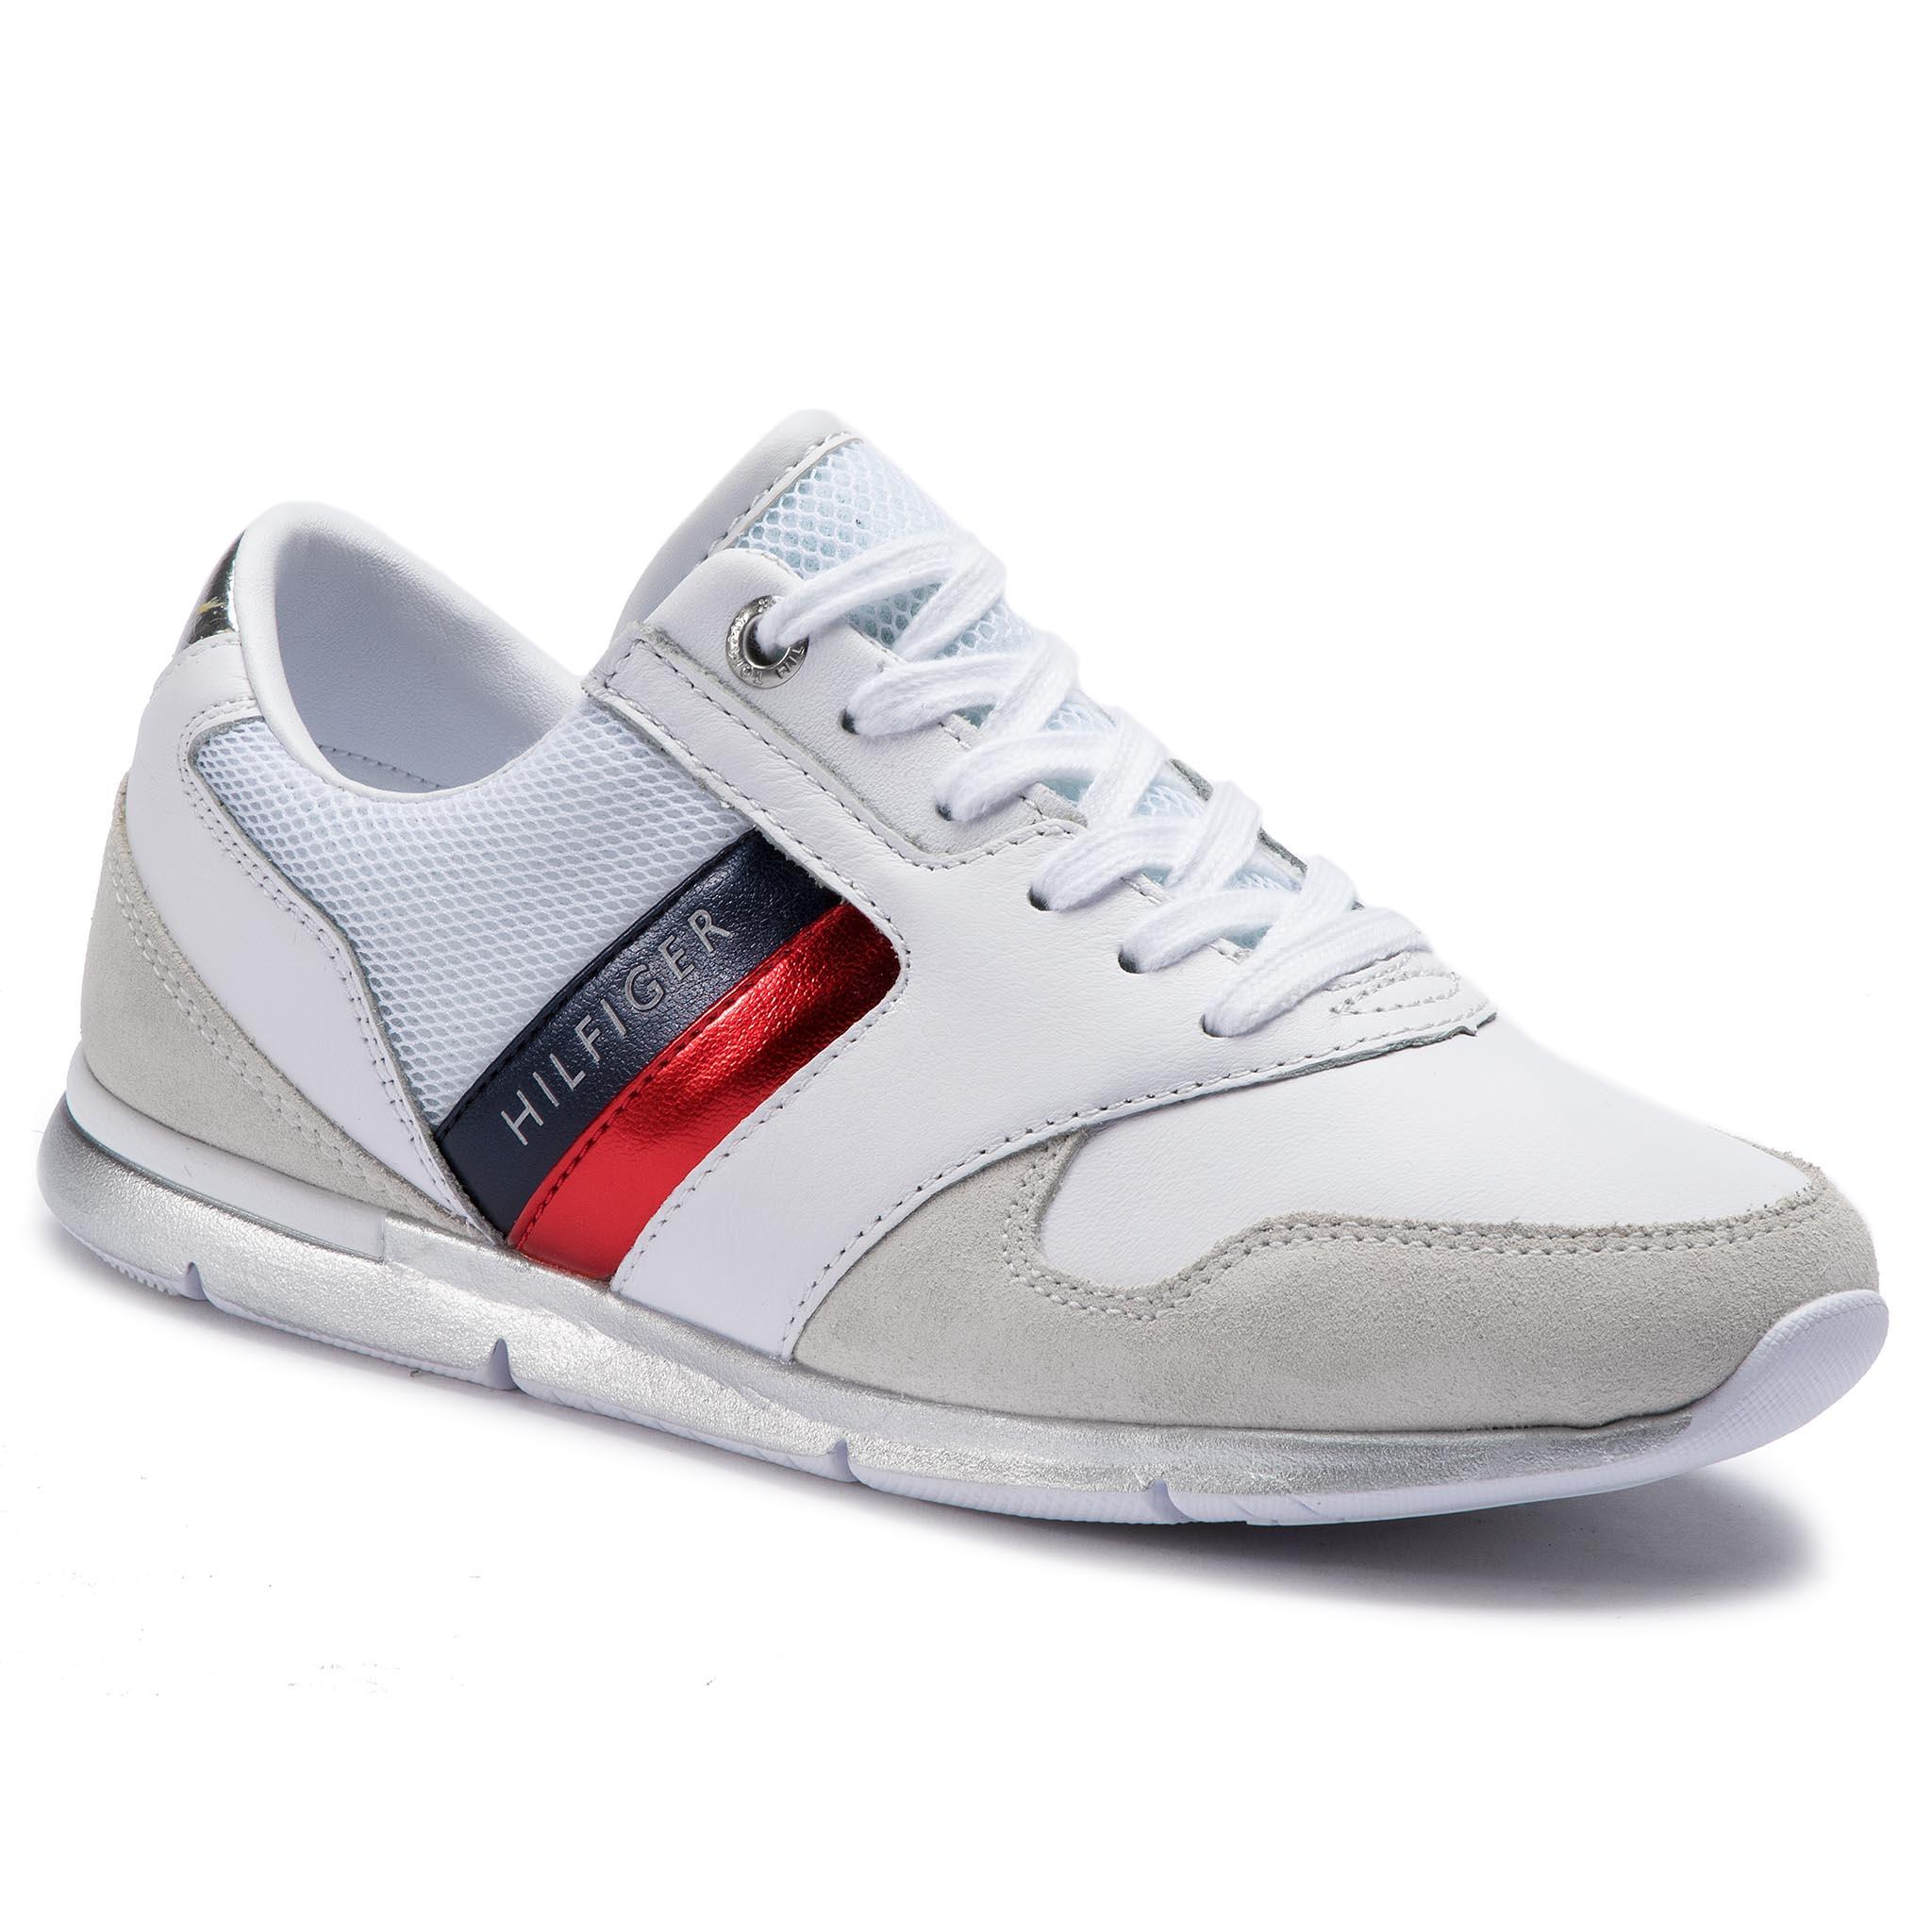 ff322058726a1 Sneakersy TOMMY HILFIGER - Light Sneaker FW0FW03785 Rwb 020 - Glami.sk